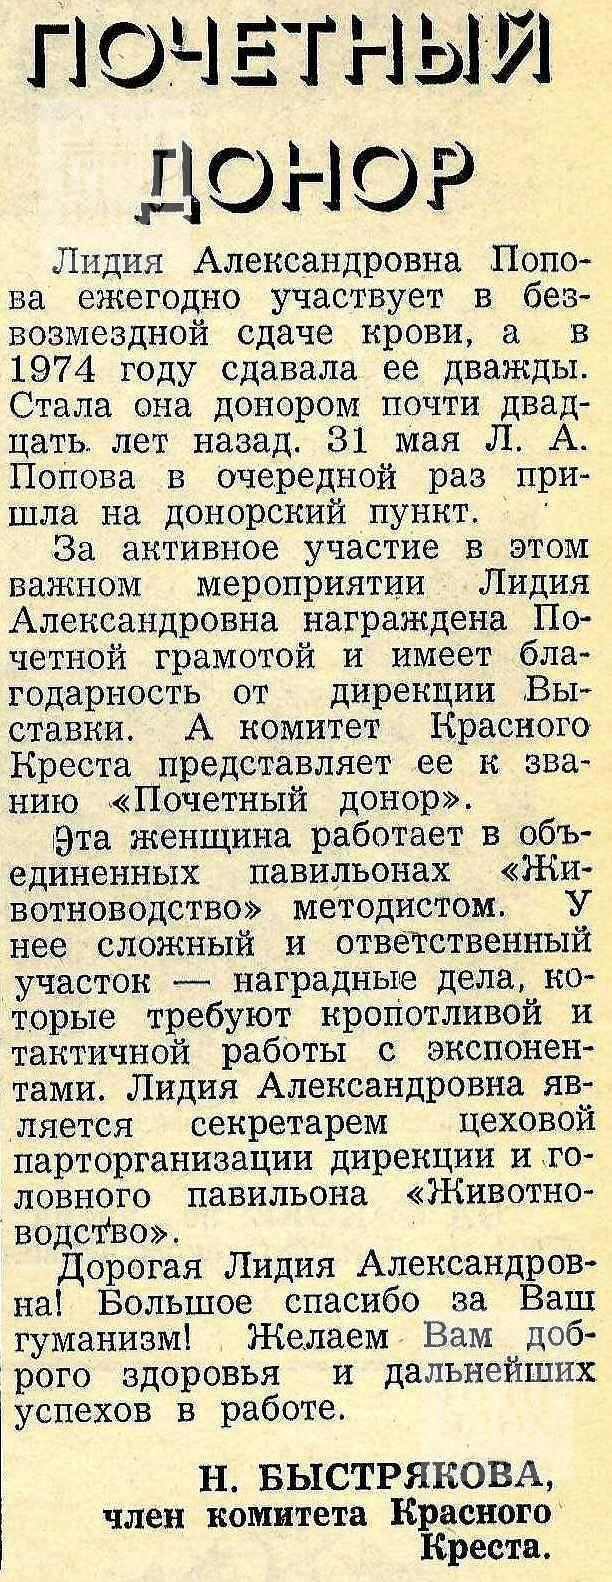 За передовой опыт. 1977, №39